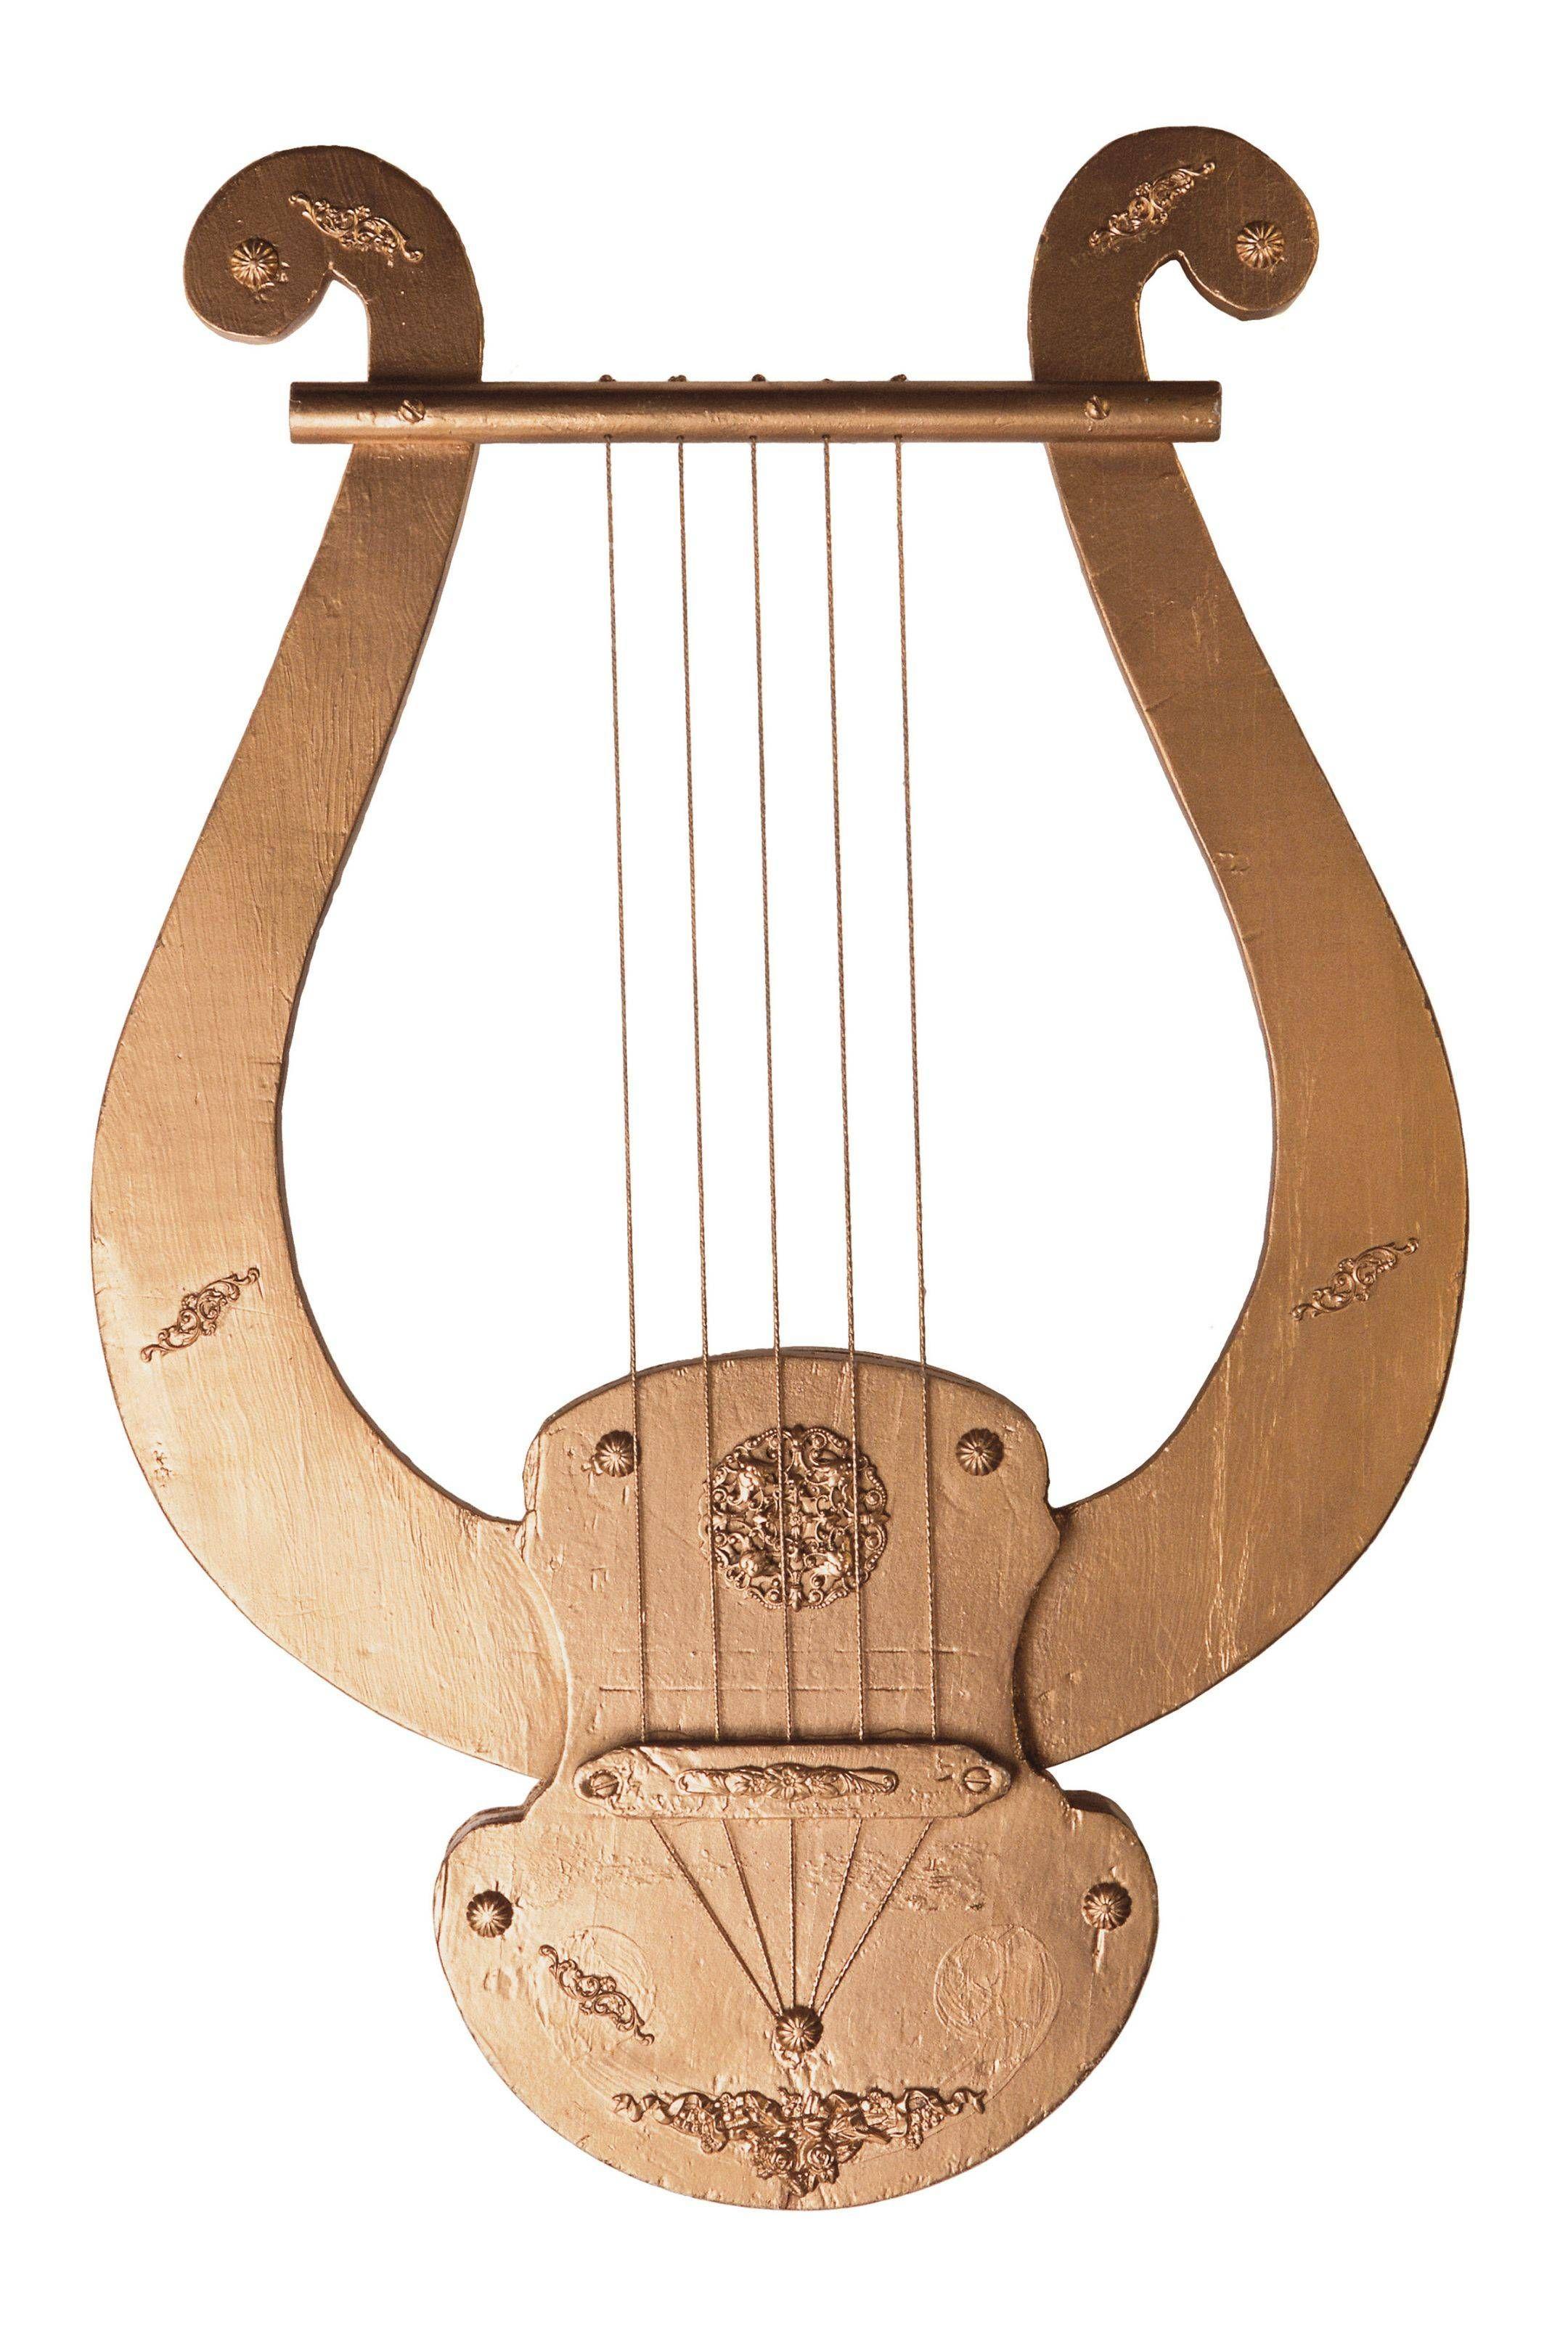 Une lyre mode pinterest mode - Photo d instrument de musique ...